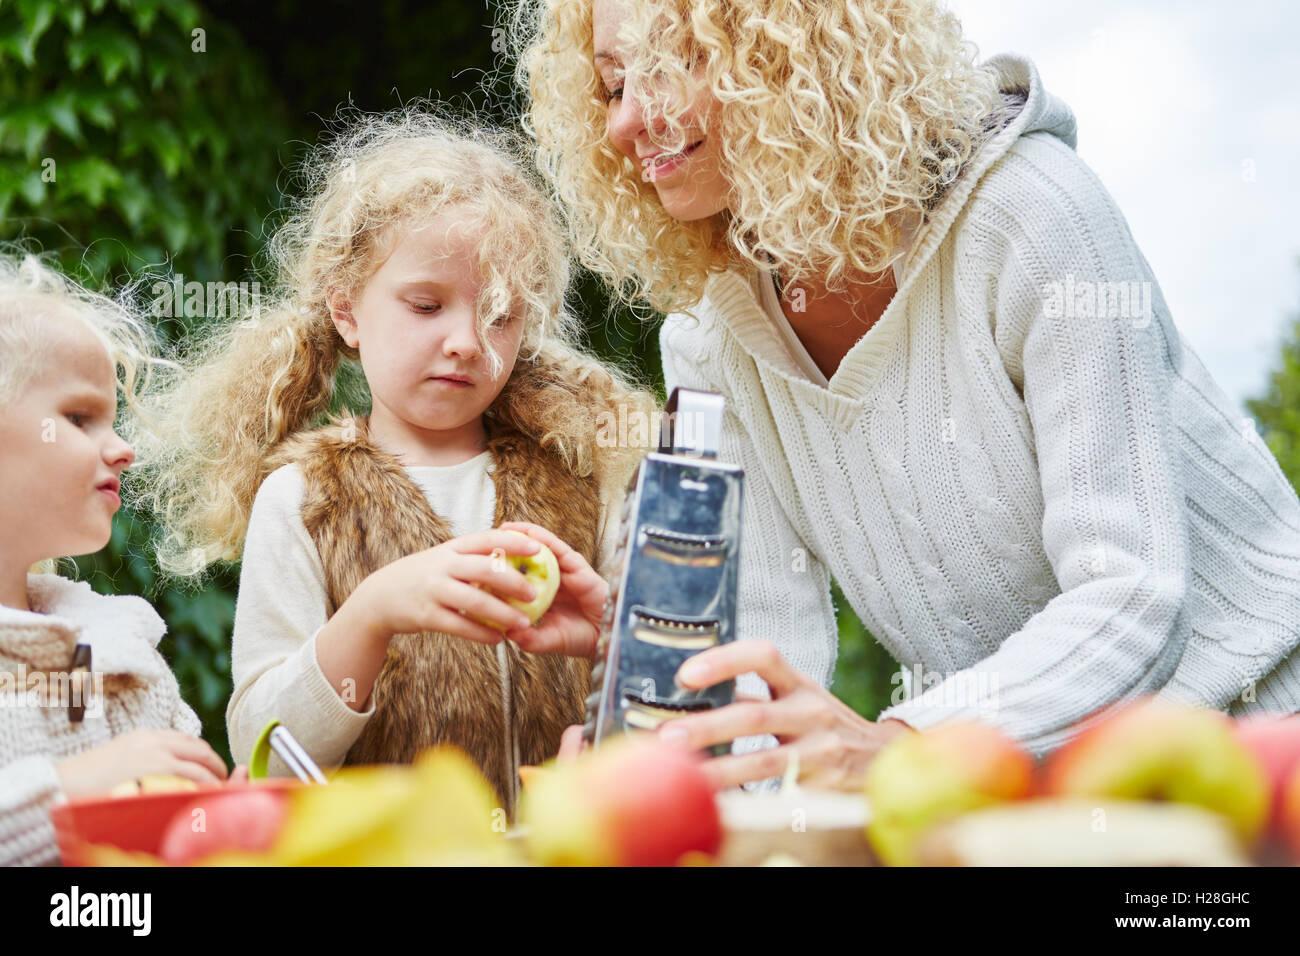 Frottez les pommes pour la pâtisserie familiale un gâteau ensemble Photo Stock